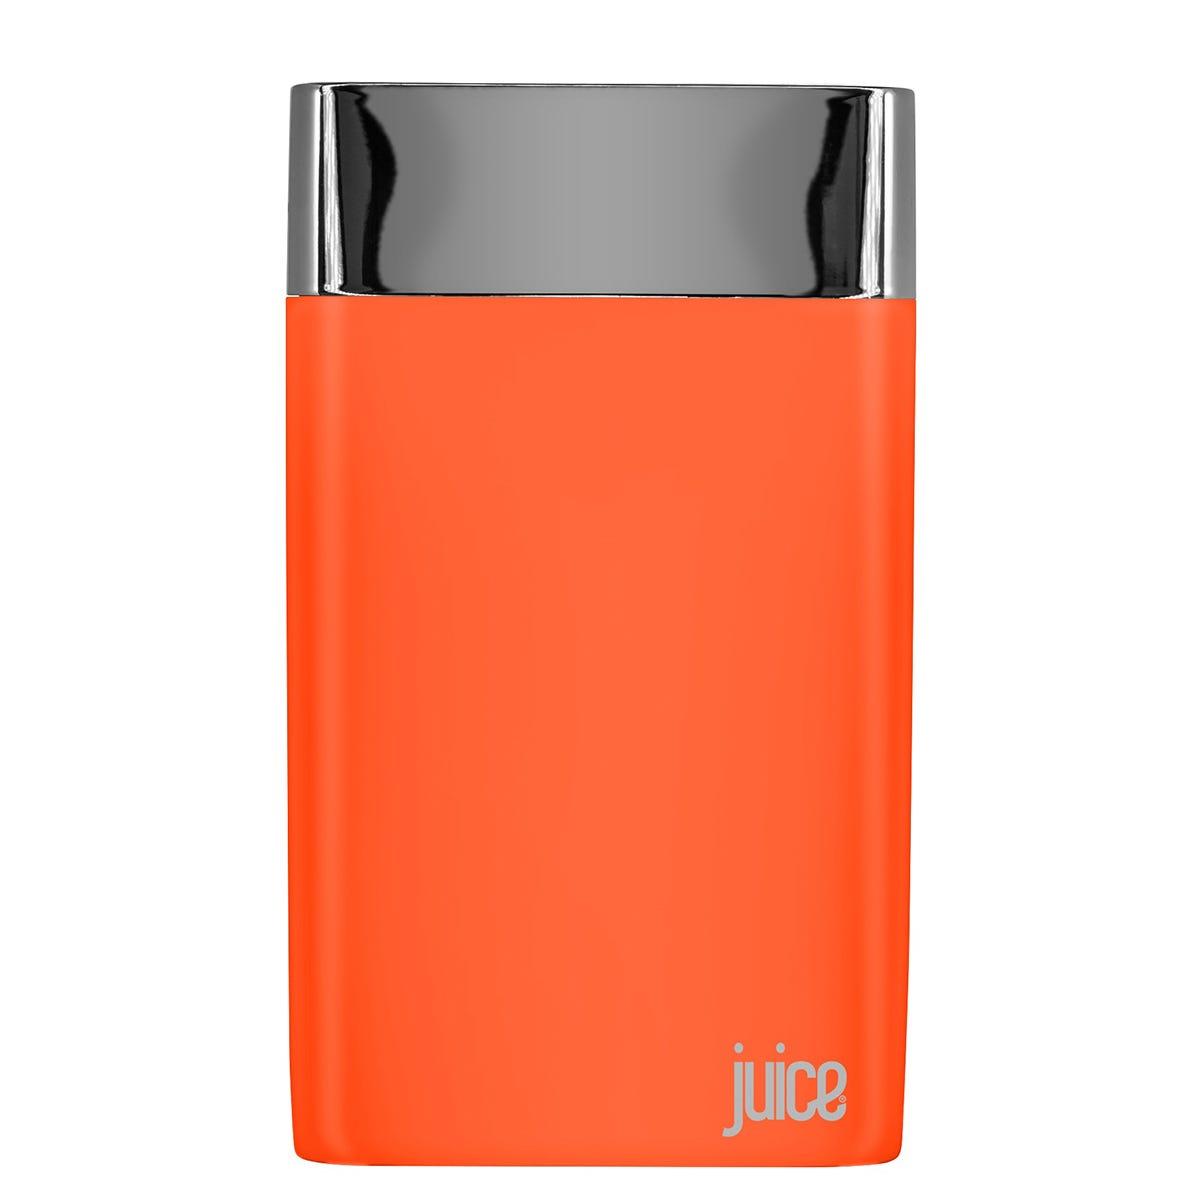 Image of Juice Long Weekender 10,050mAh Power Bank - Coral